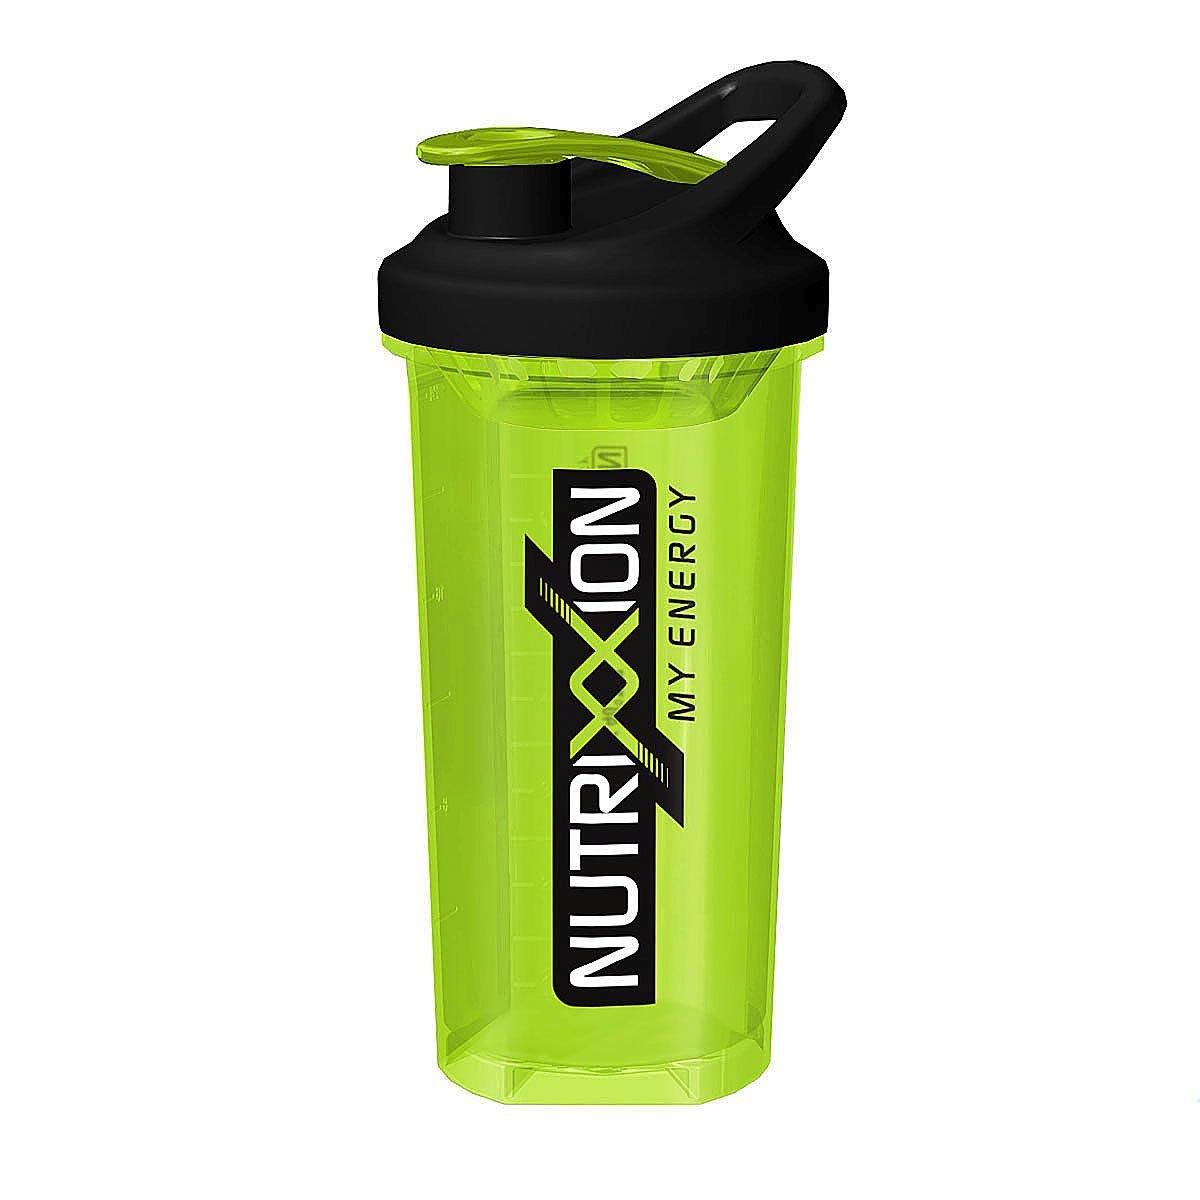 flaschen kunststoff/Trinkflaschen: Nutrixxion  Shaker 1612 700ml